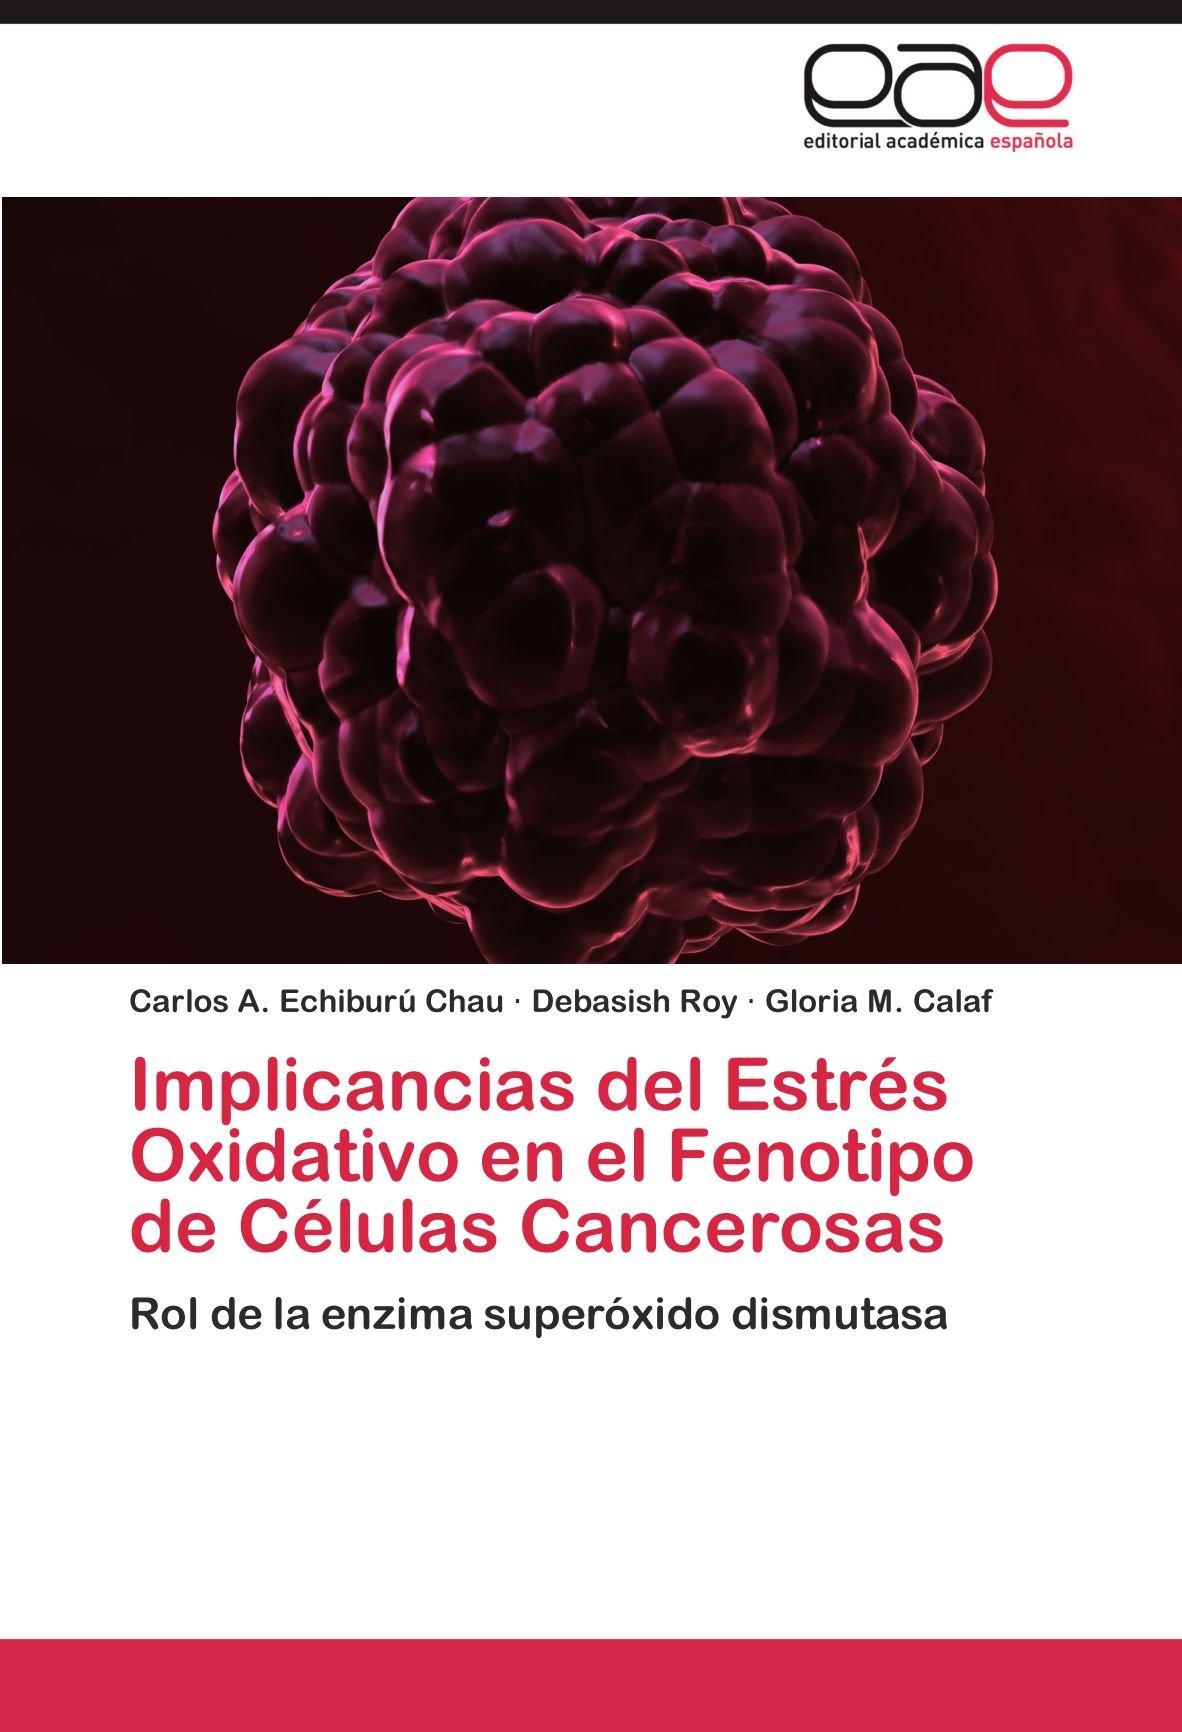 Implicancias del Estrés Oxidativo en el Fenotipo de Células ...